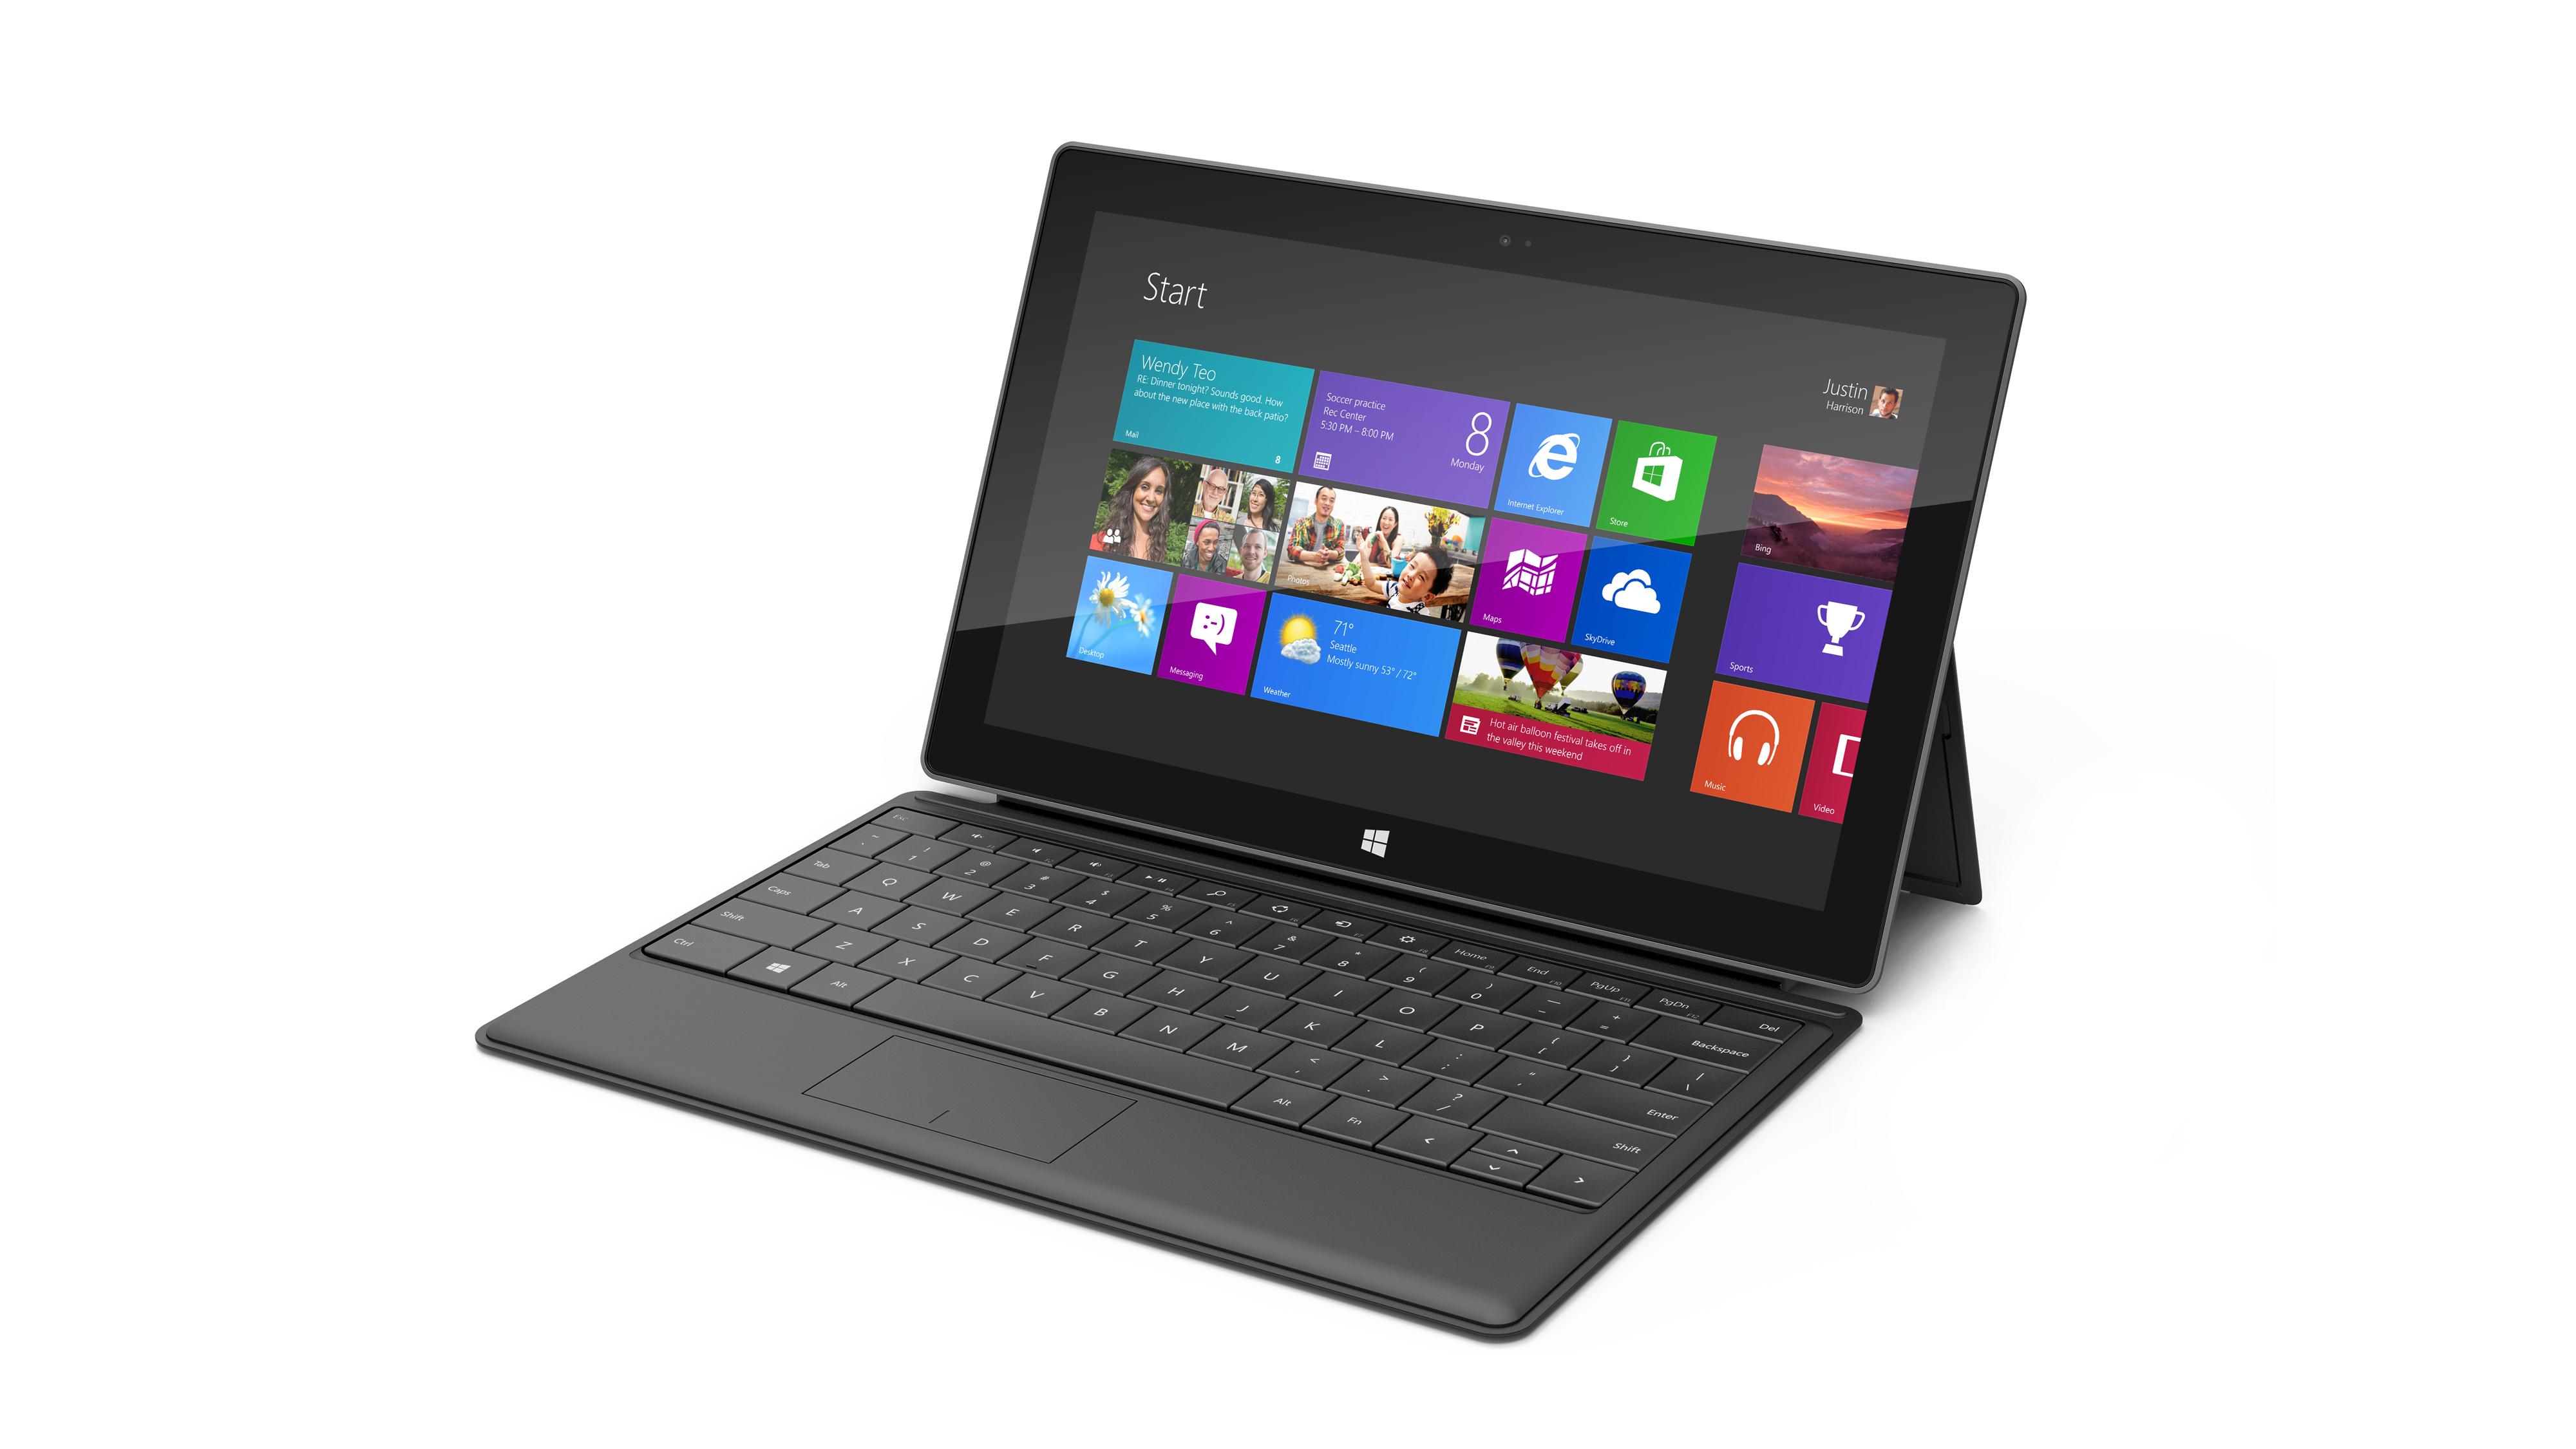 microsoft surface 1 - La Microsoft Surface RT, bientôt chez Future Shop!